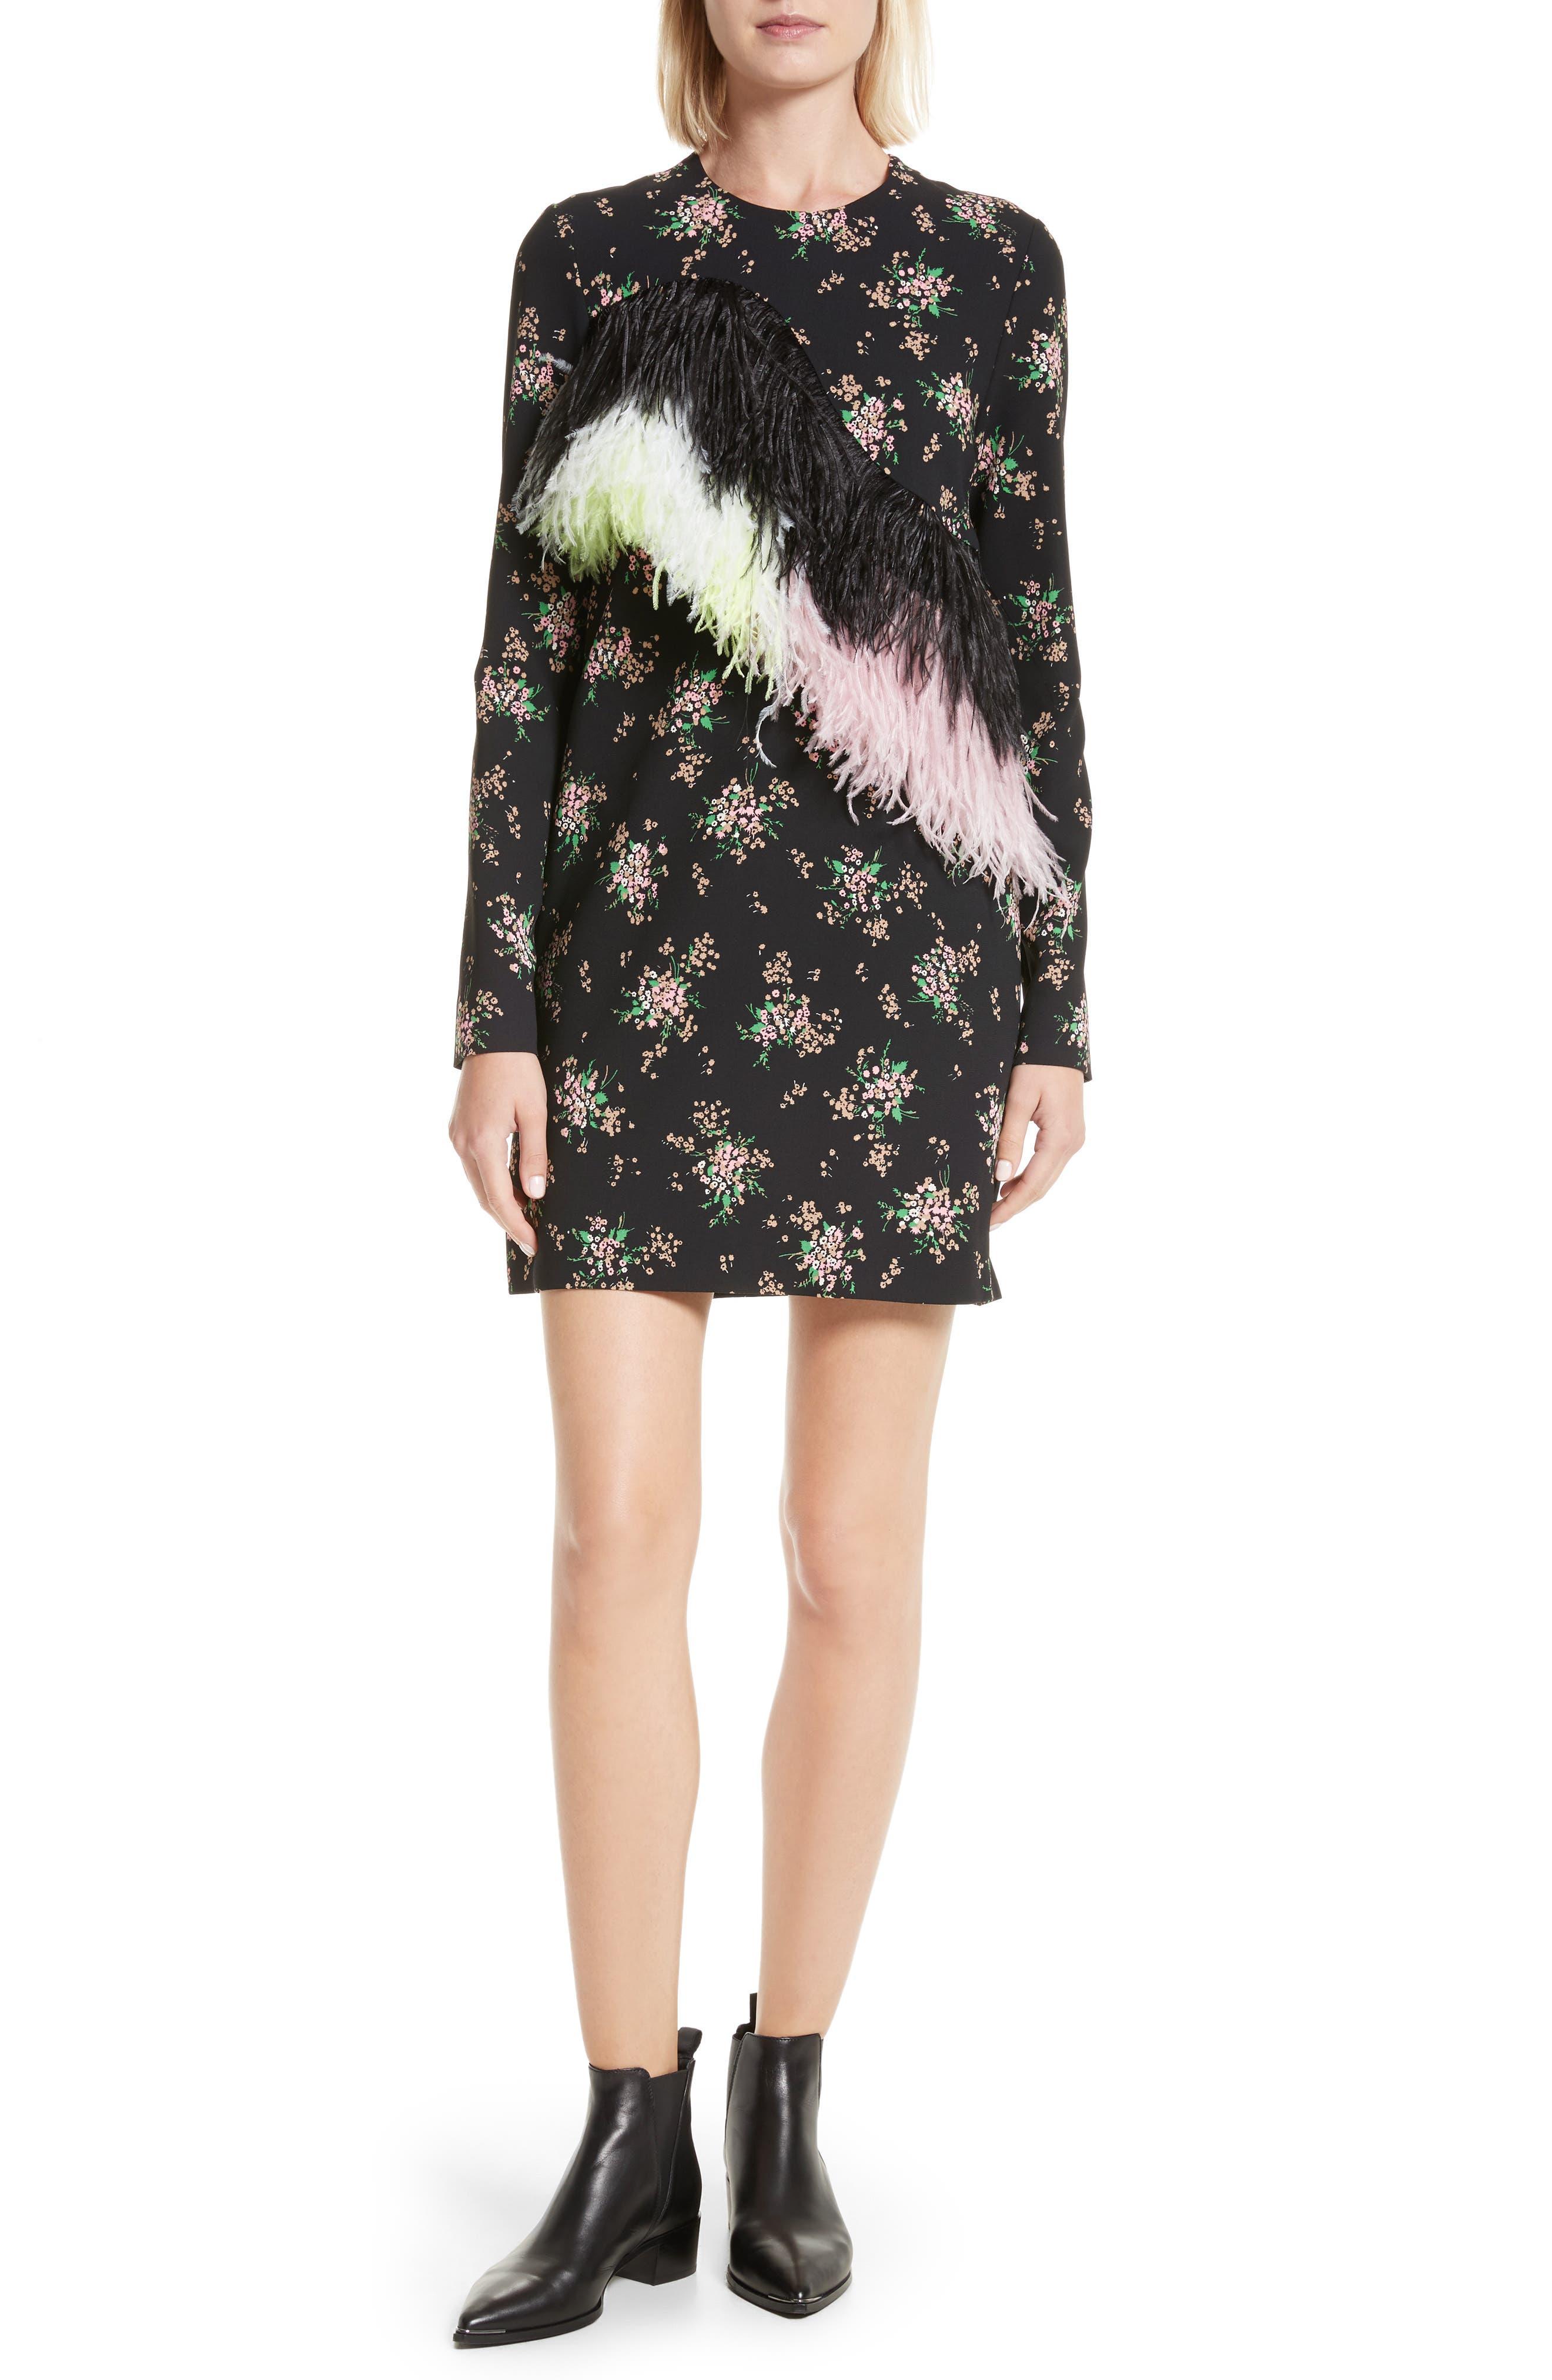 Ostrich Feather Trim Floral Print Dress,                             Main thumbnail 1, color,                             Black